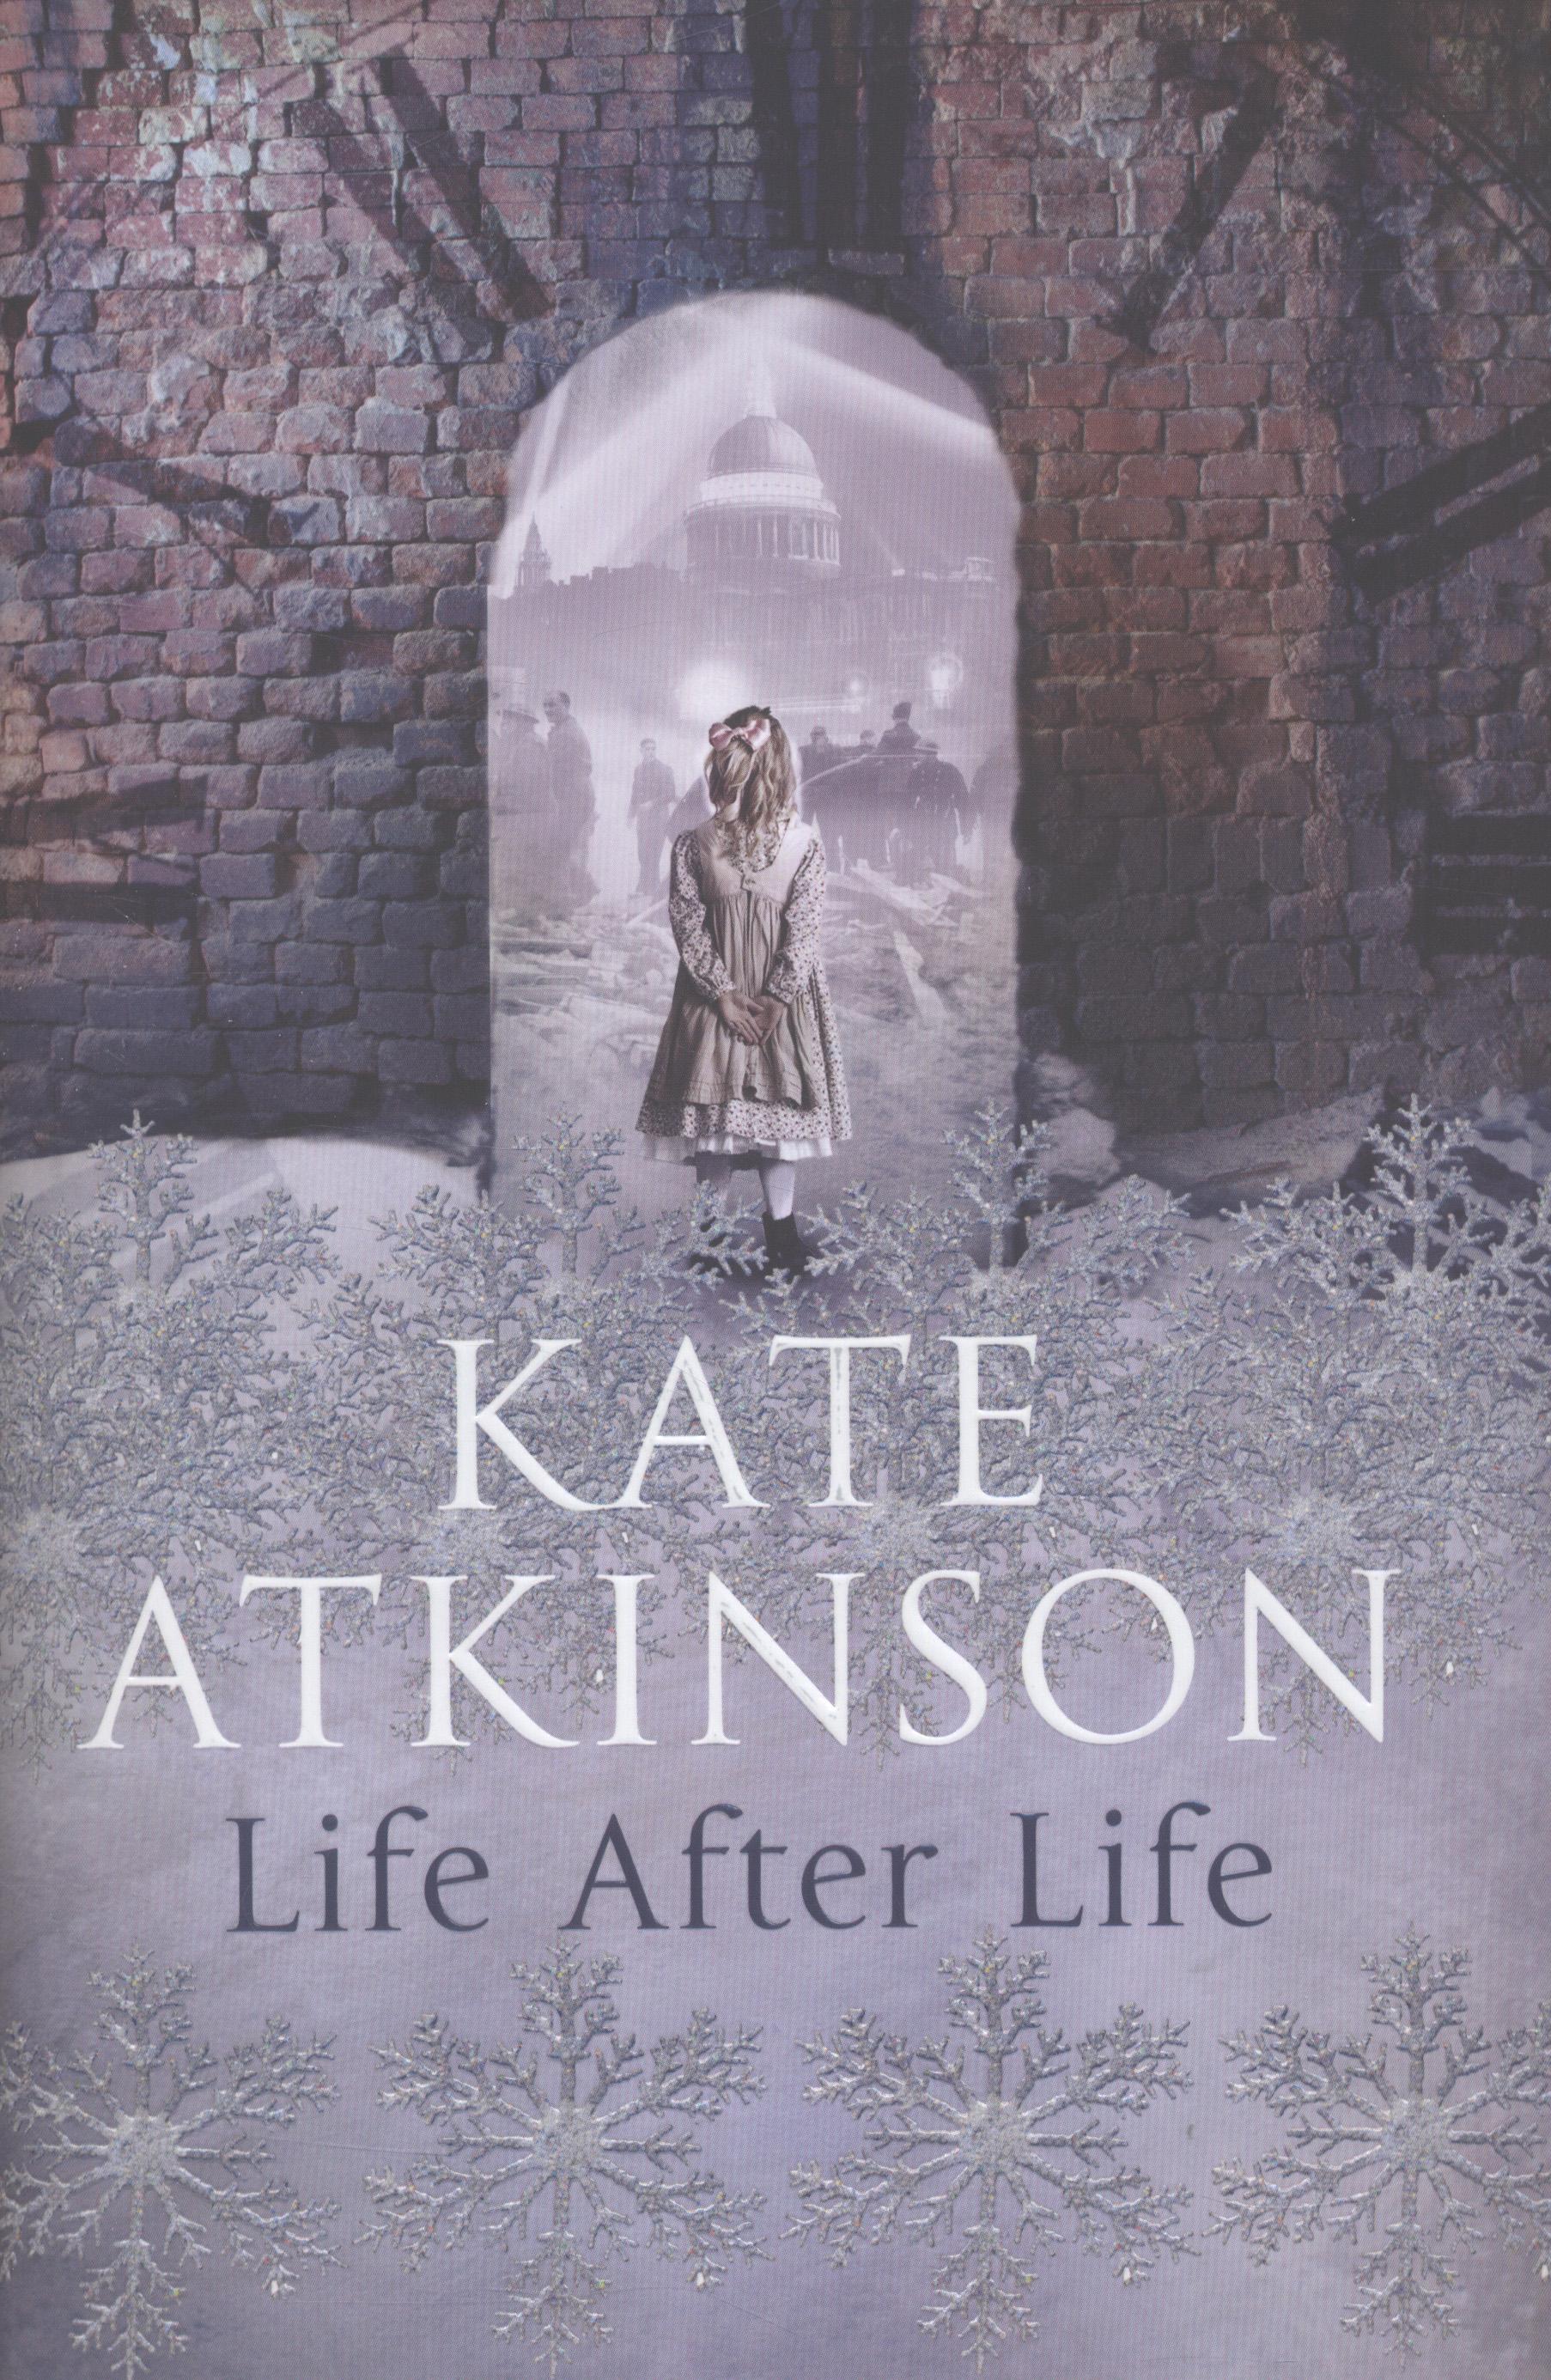 Книга жизнь после жизни аткинсон кейт скачать